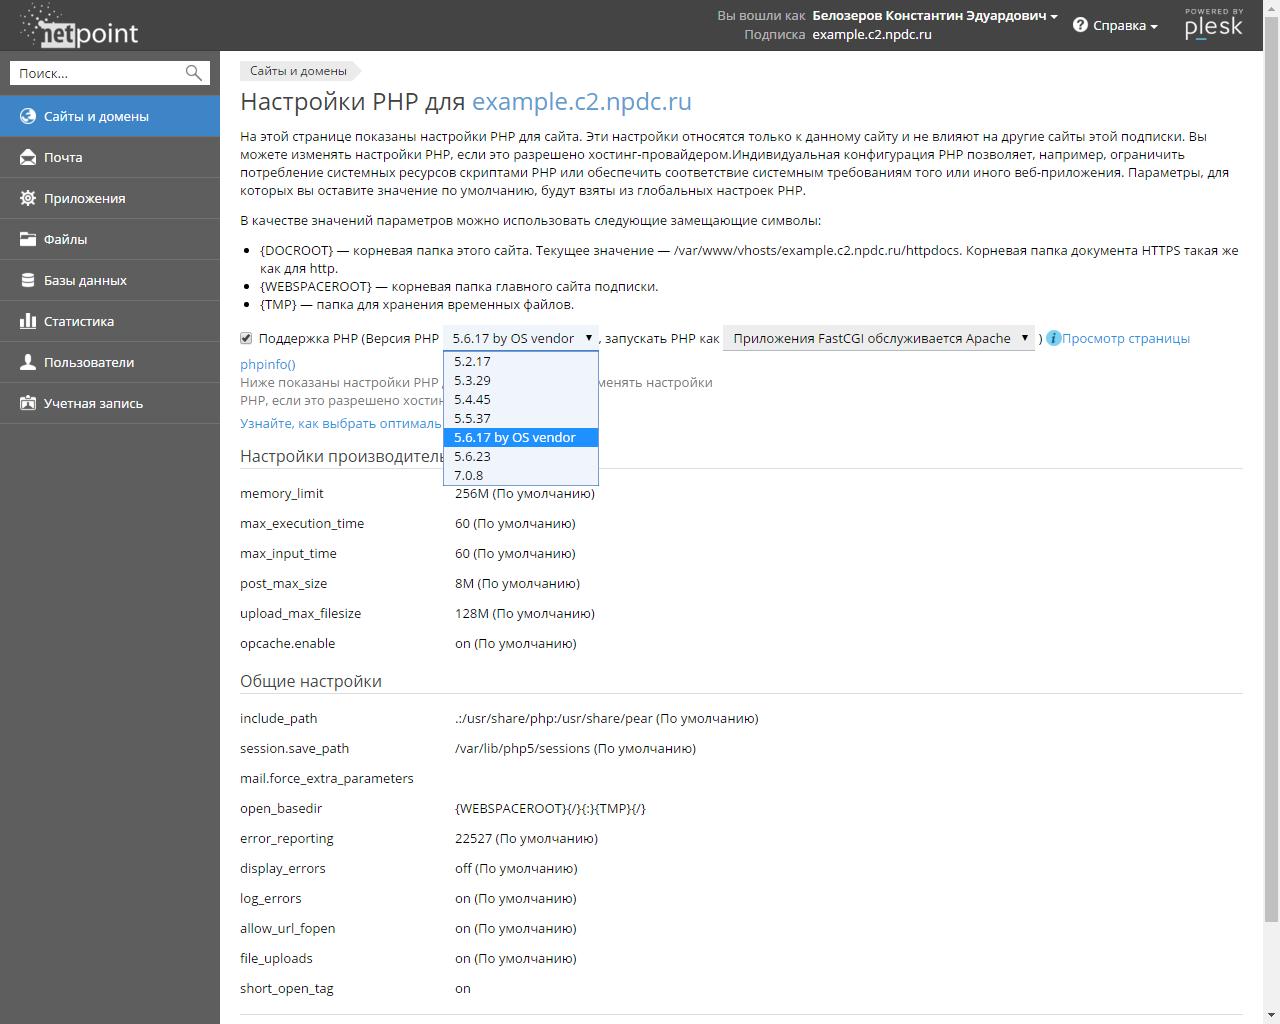 PHP версии на хостинге C2